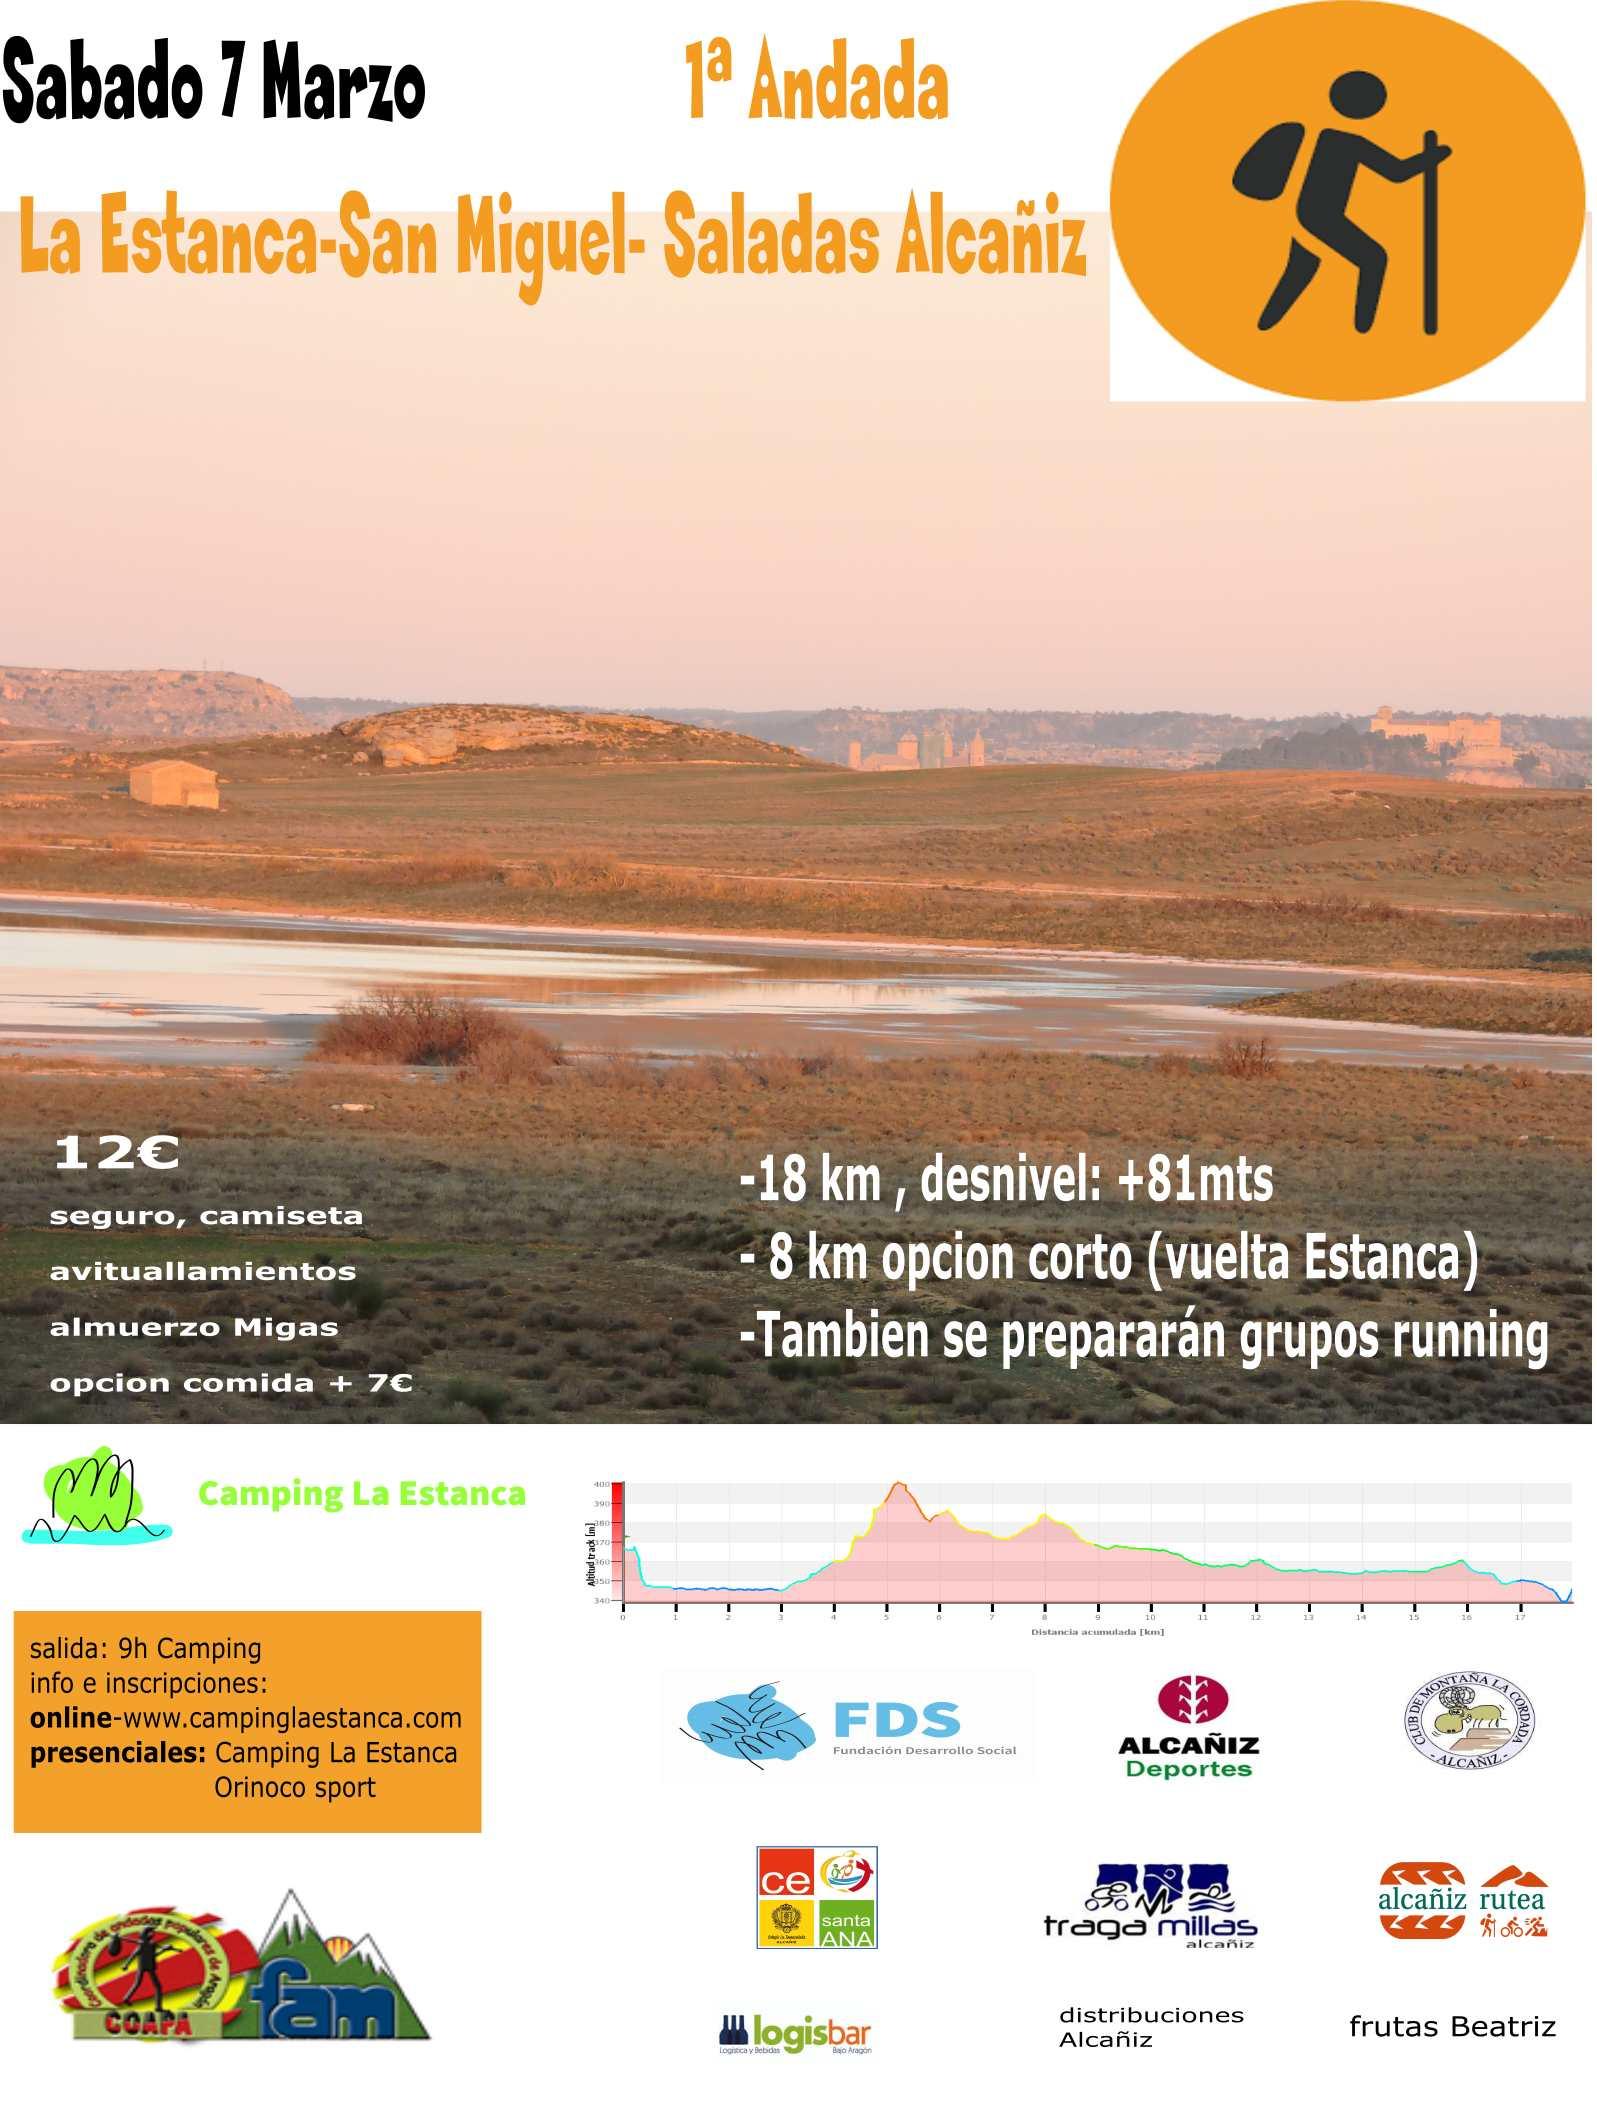 Cartel del evento ANDADA ESTANCA-LAS SALADAS 2020